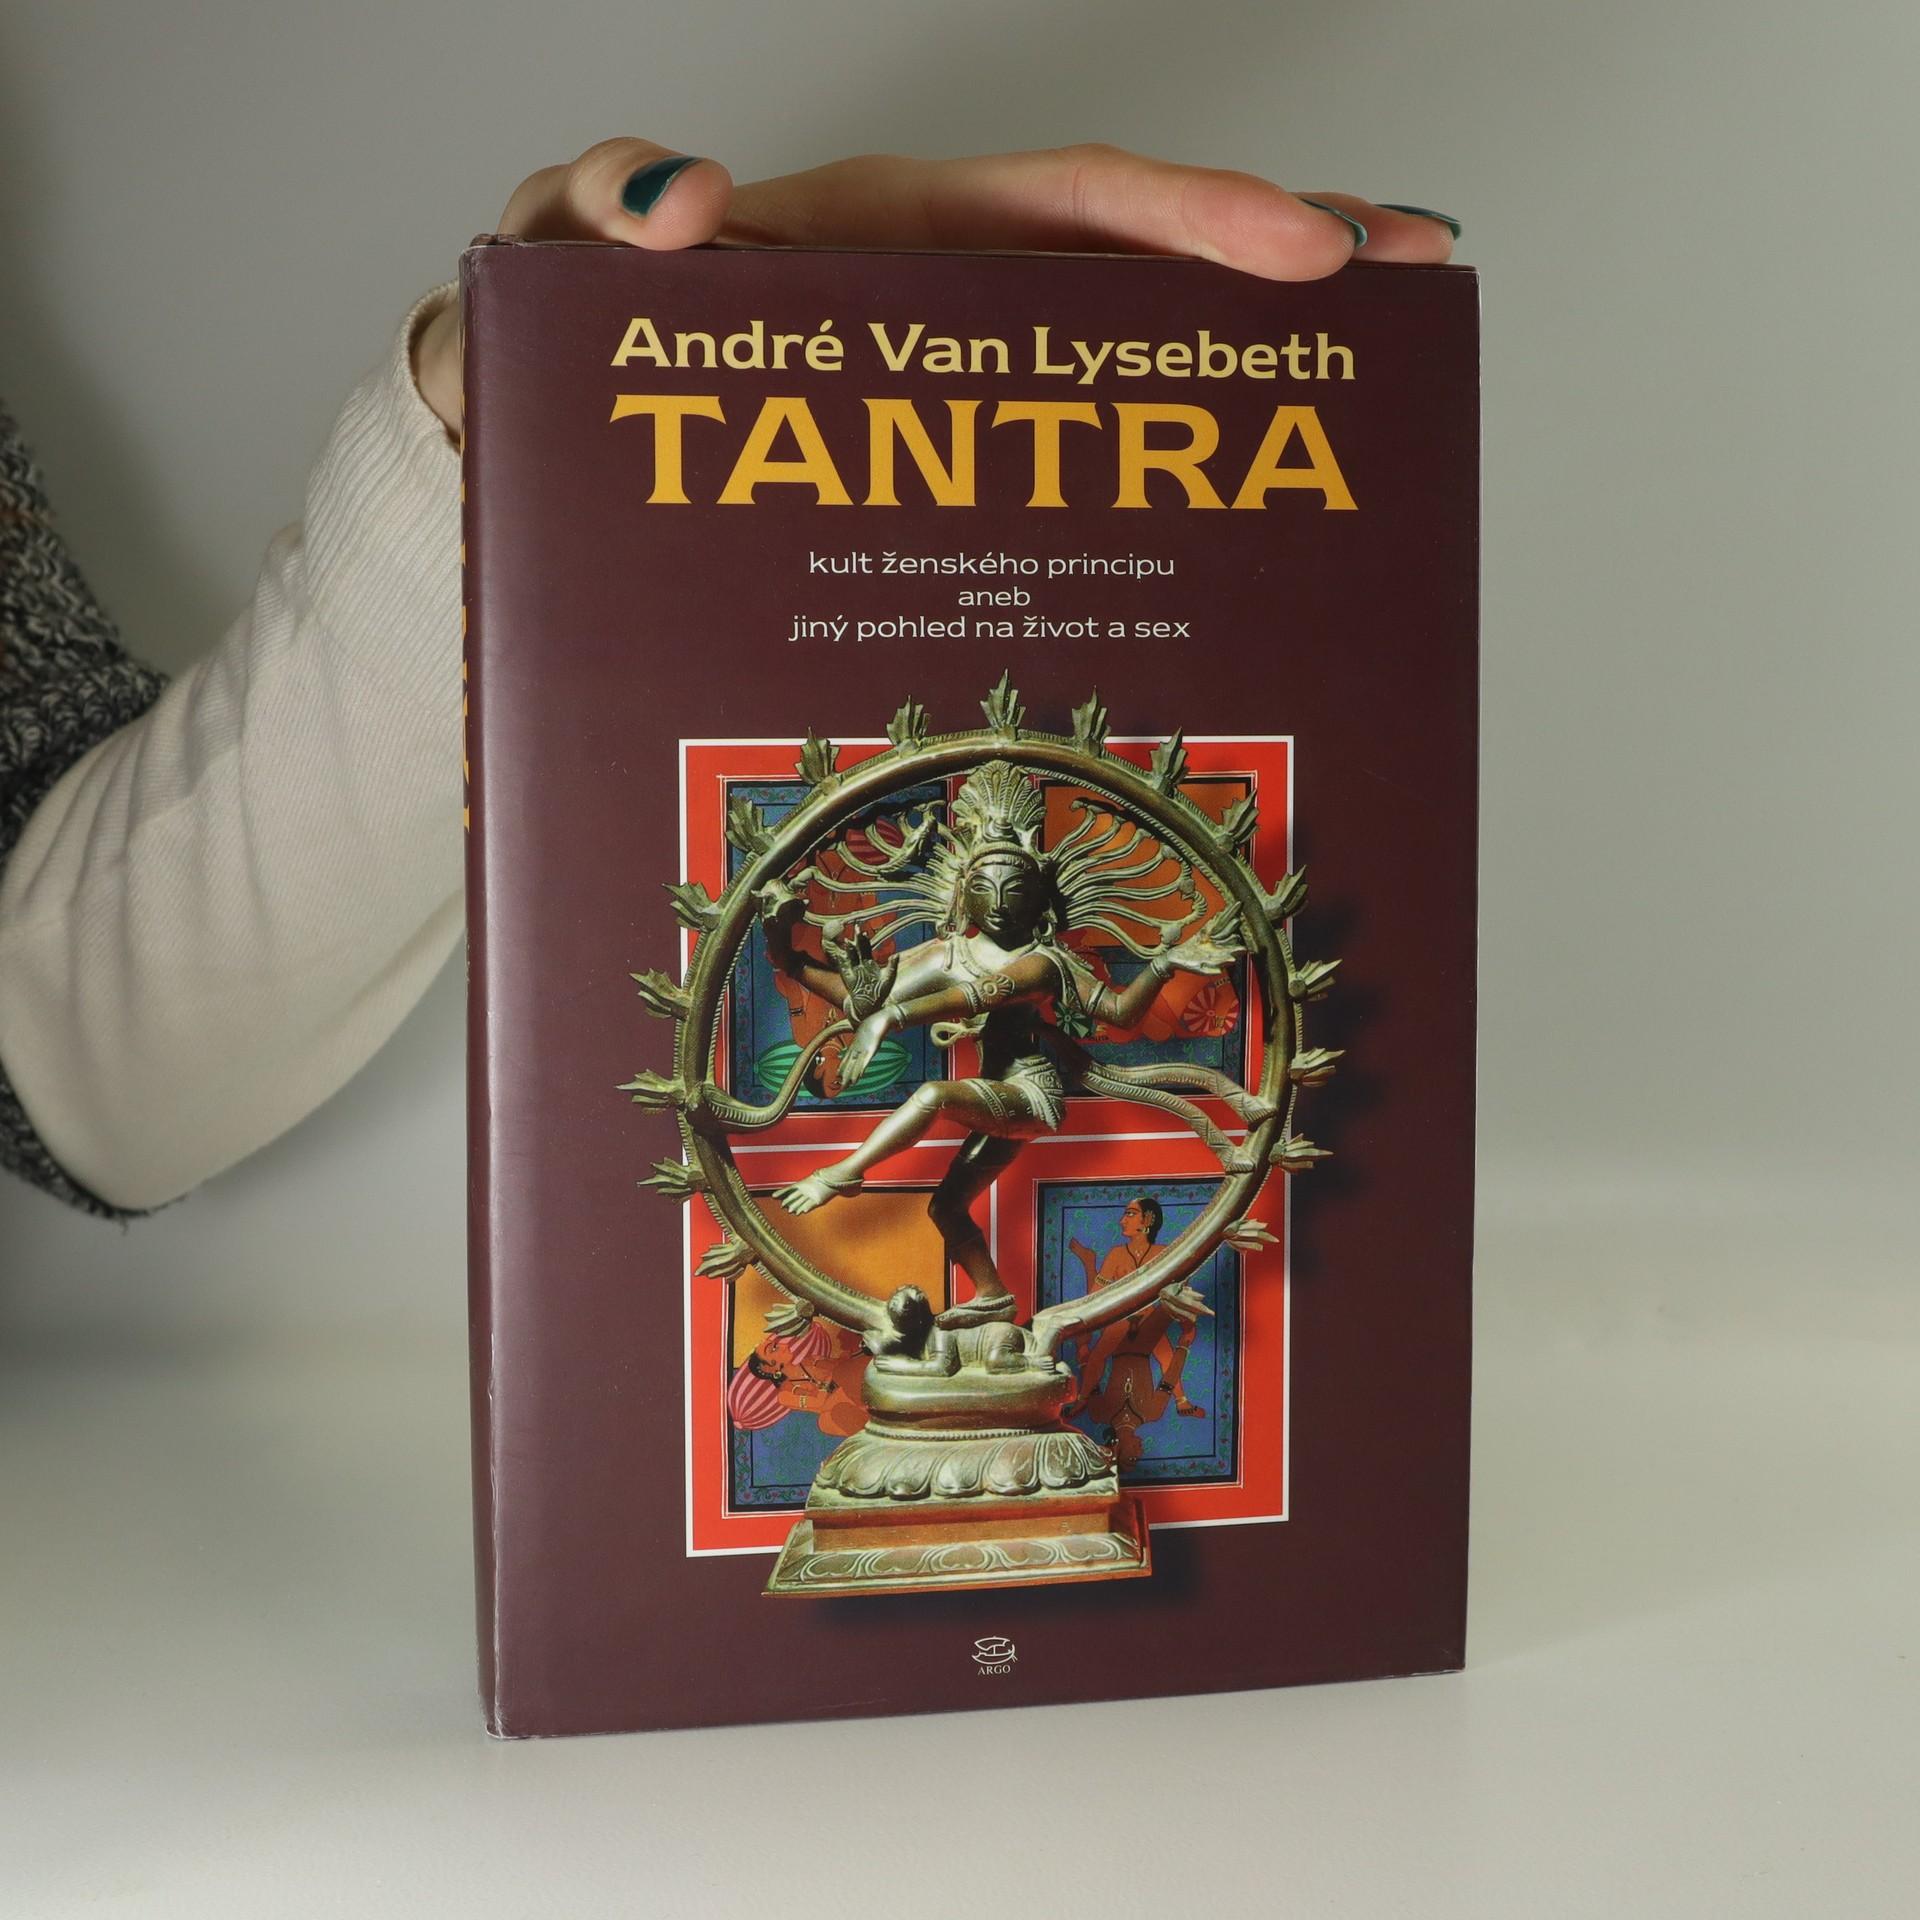 antikvární kniha Tantra. Kult ženského principu aneb jiný pohled na život a sex, 1995